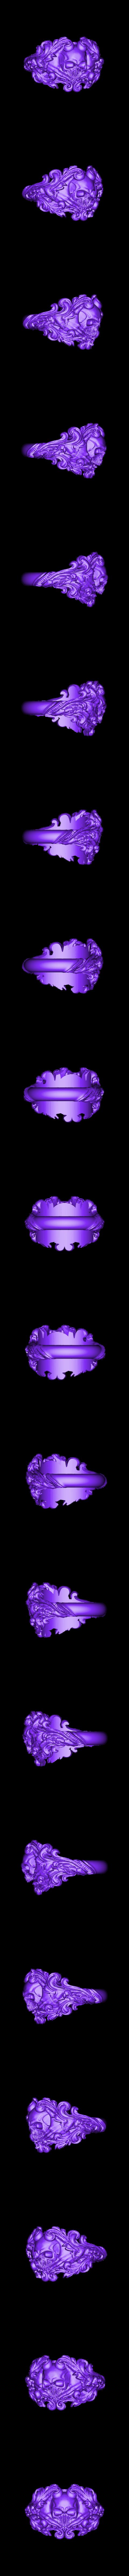 Inner diametr 20mm weight 15.4gr.obj Download OBJ file Vintage Ring • 3D print template, Roman_Kharikov